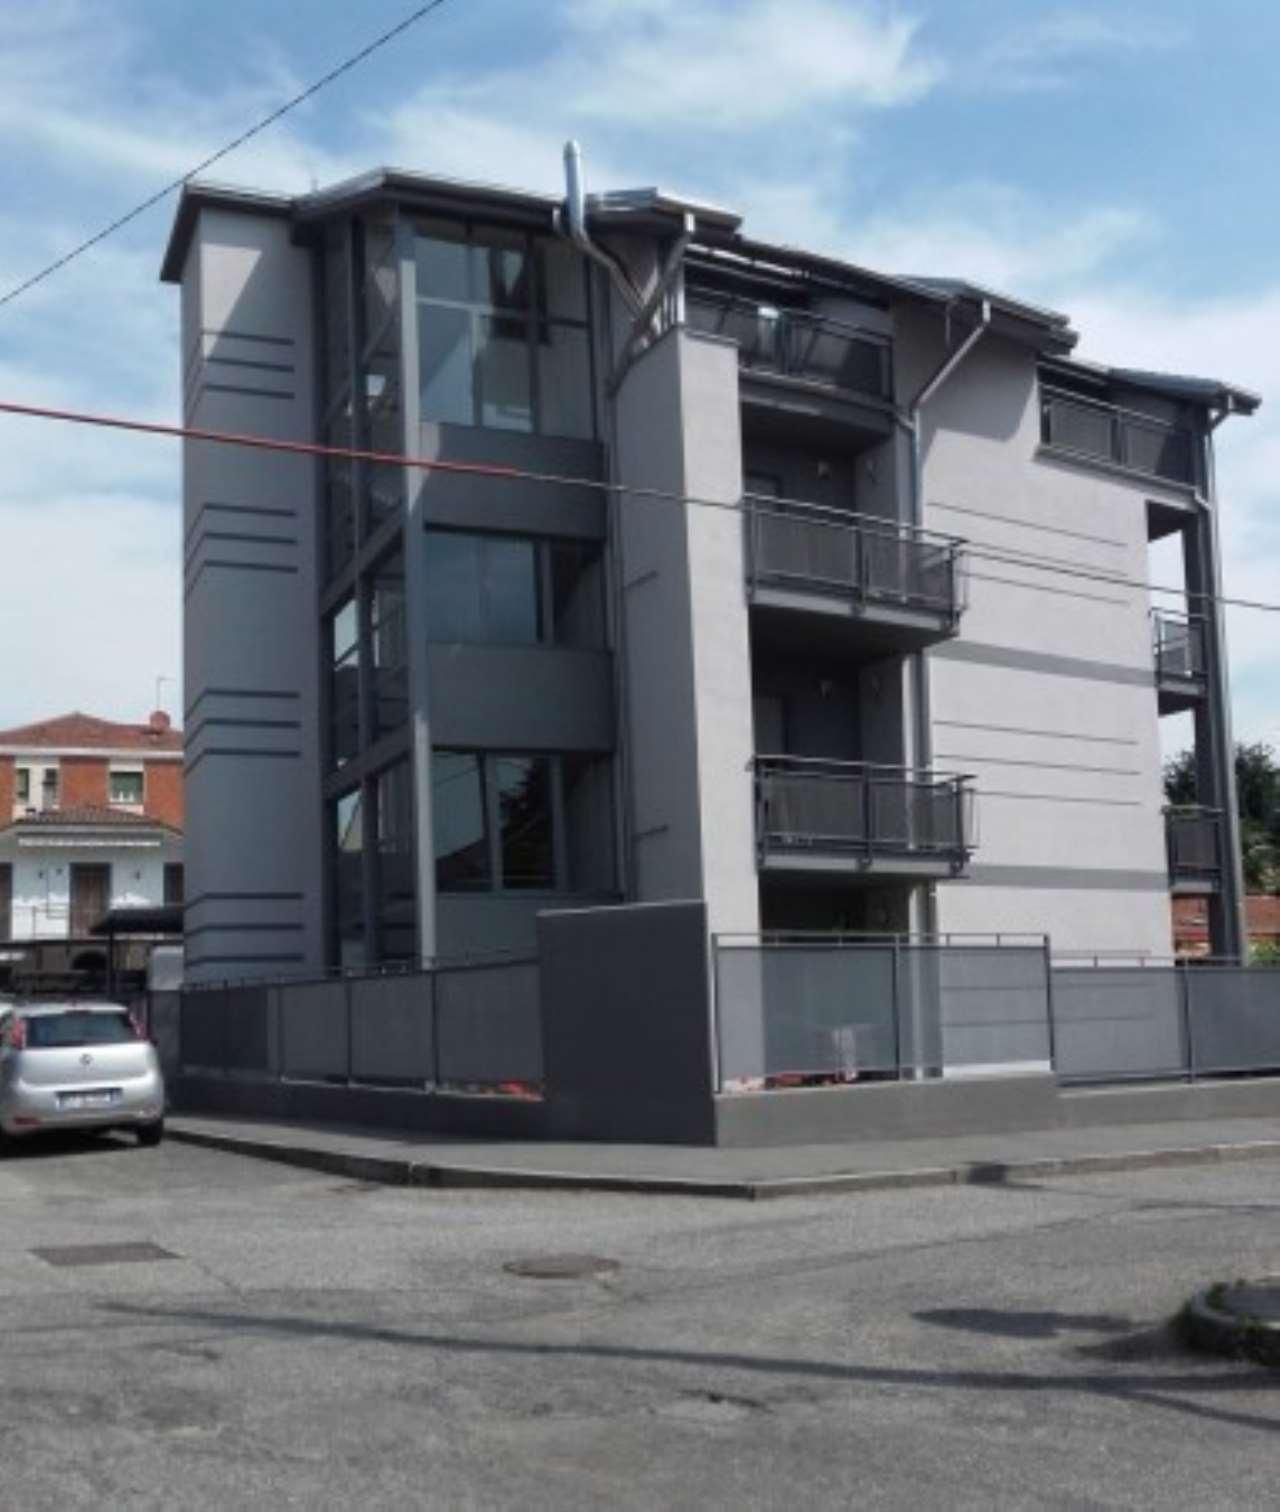 Attico / Mansarda in vendita a Collegno, 3 locali, prezzo € 230.000 | CambioCasa.it